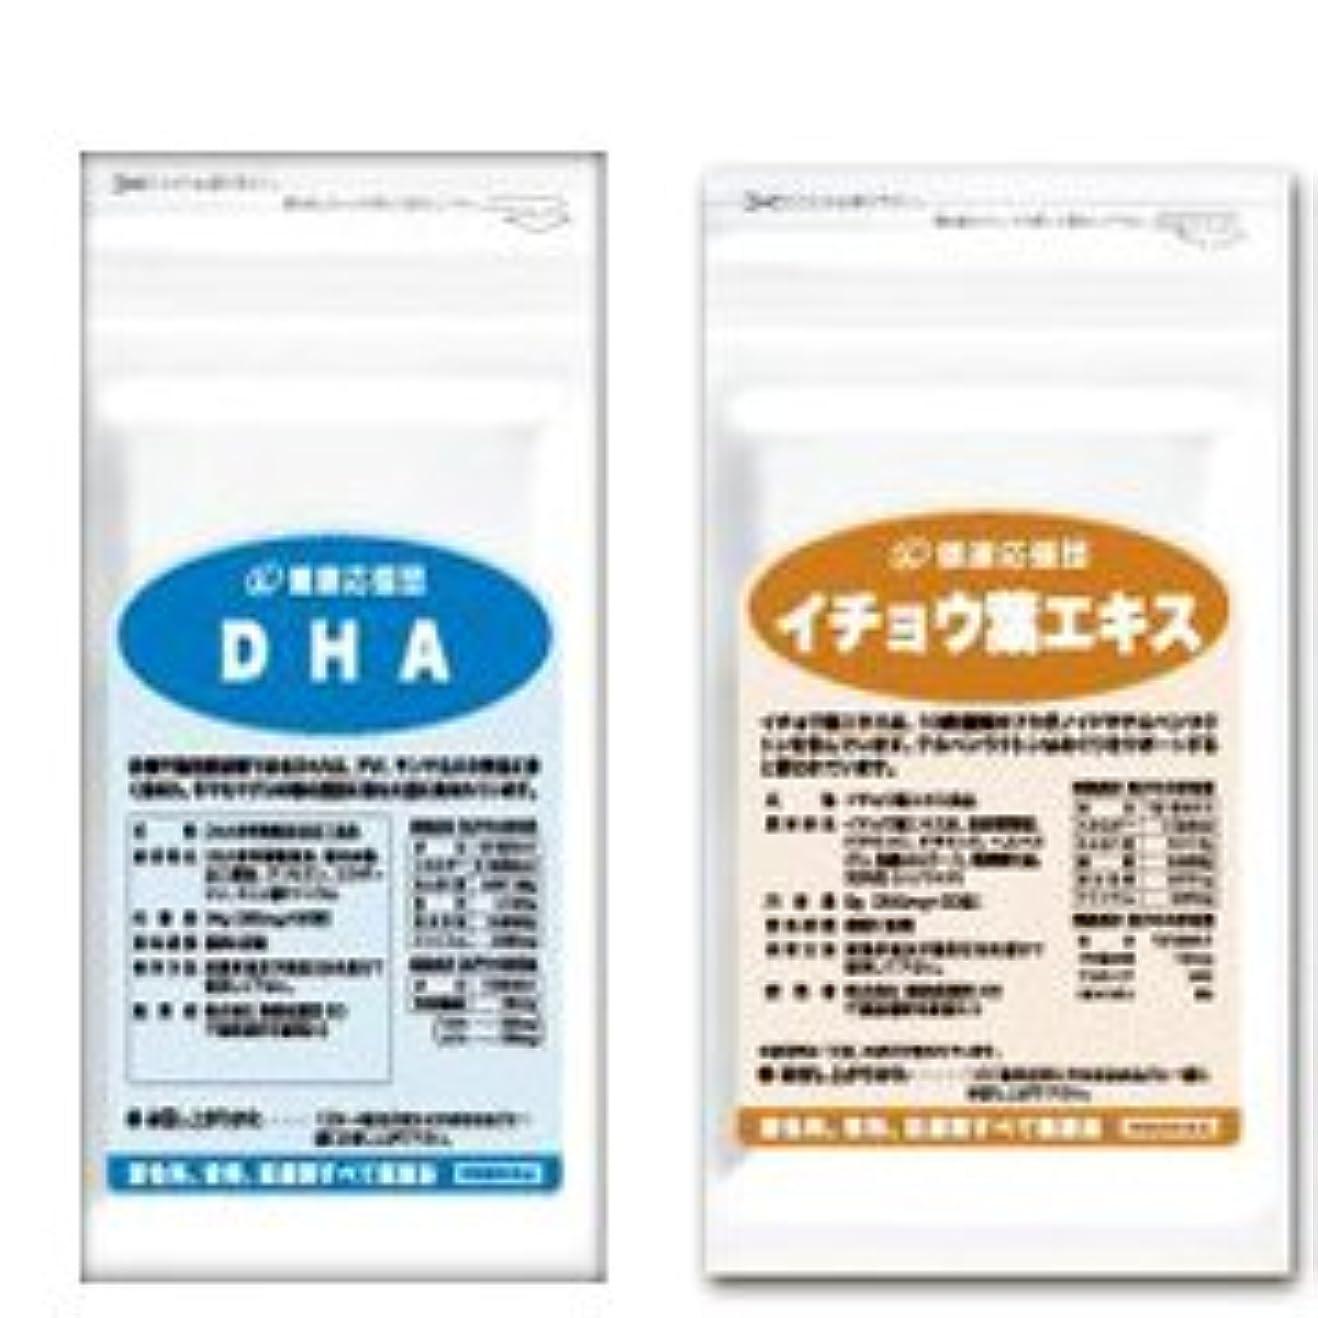 おかしい暴力興奮(お徳用3か月分)サラサラ巡りセット DHA + イチョウ葉エキス 3袋&3袋セット(DHA?EPA?イチョウ葉?ビタミンC?ビタミンE?ビタミンP配合)